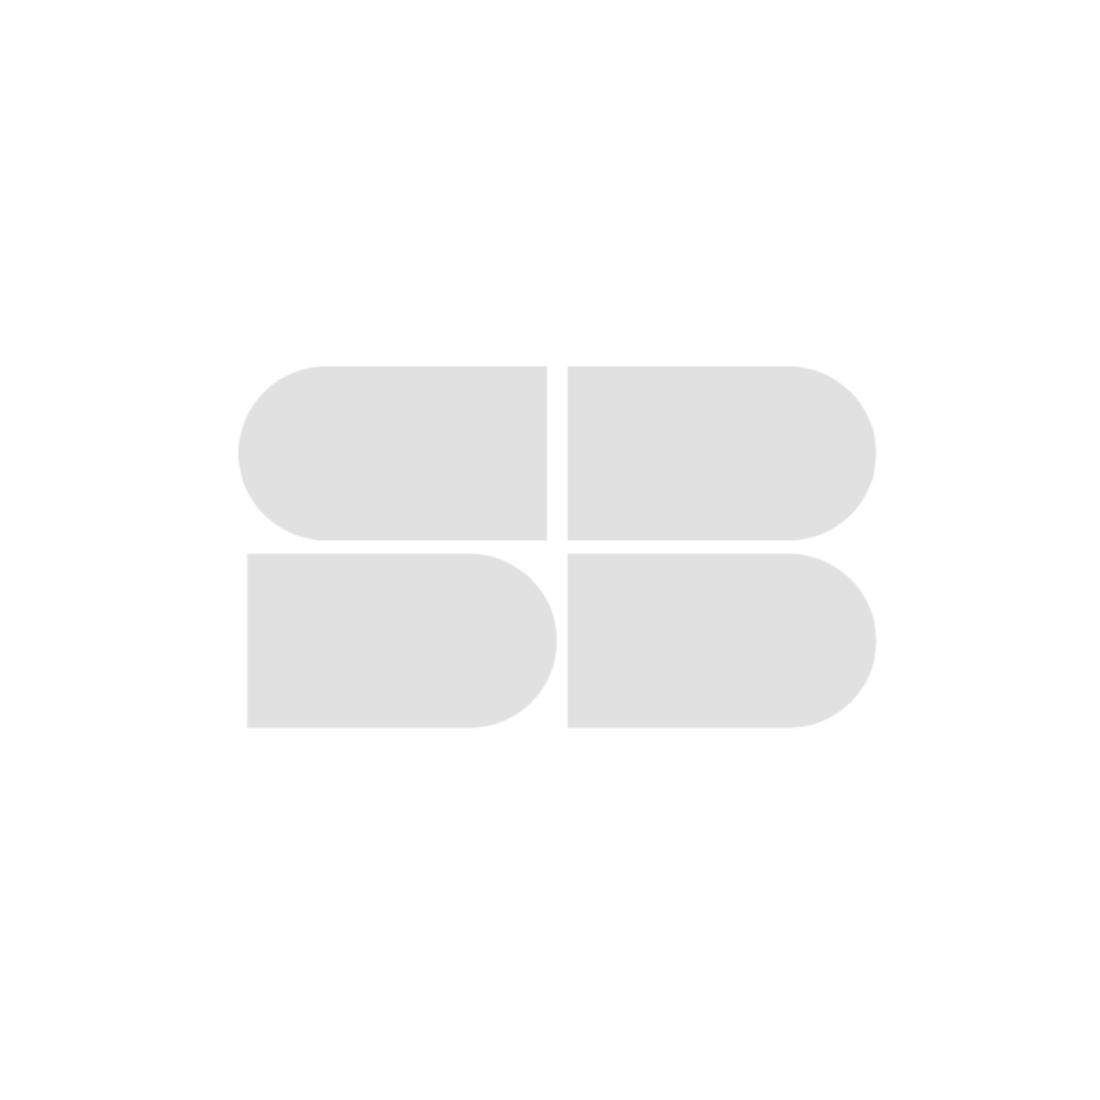 ที่นอน Vono รุ่น Cozy Care ขนาด 3.5 ฟุต